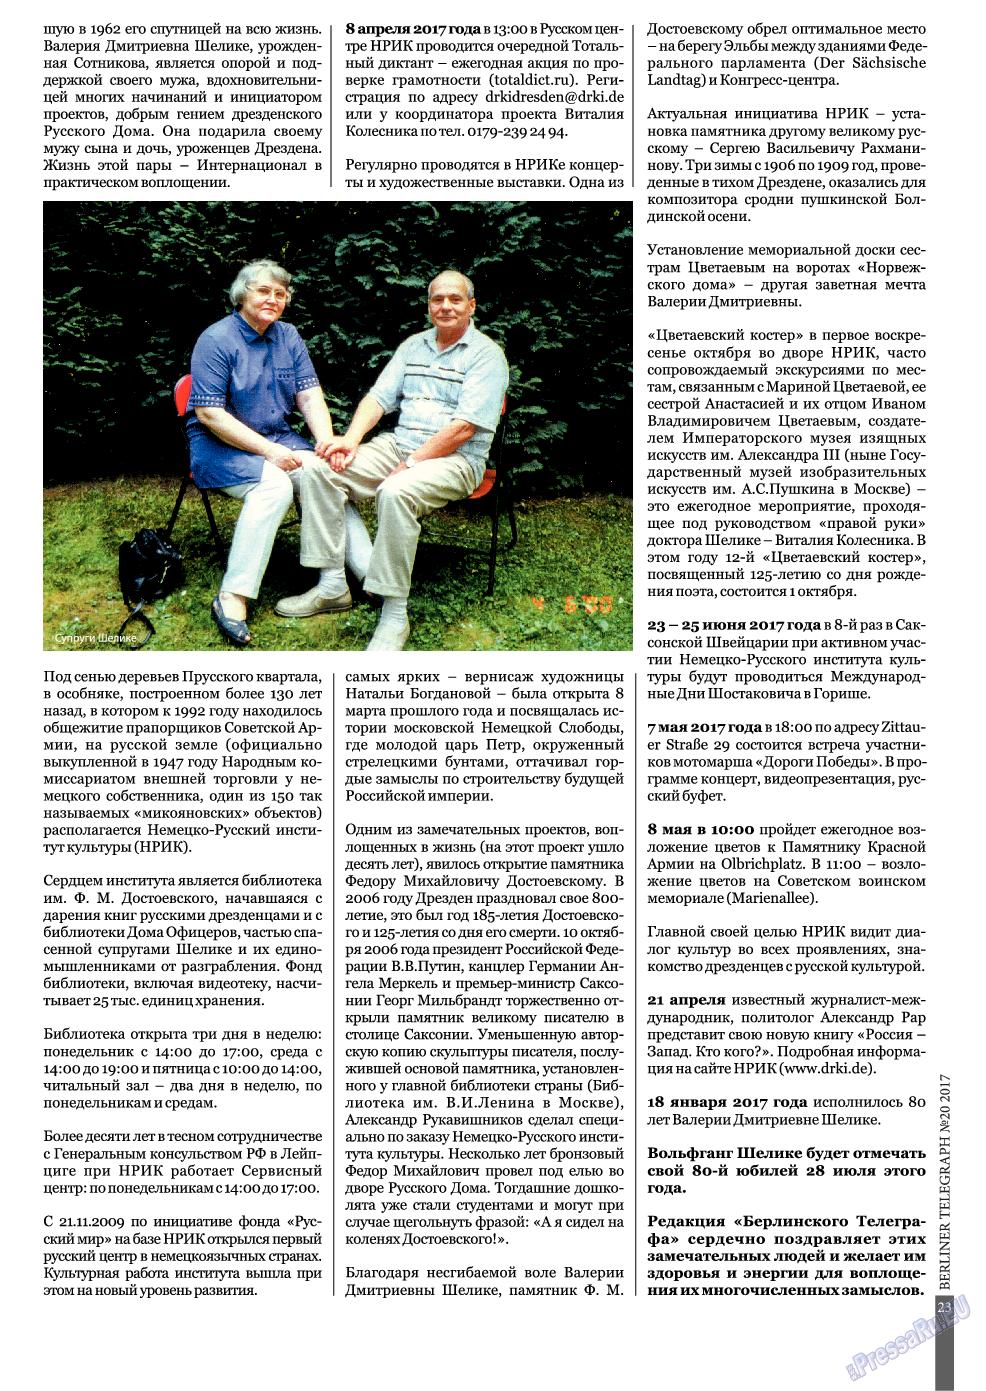 Берлинский телеграф (журнал). 2017 год, номер 20, стр. 23